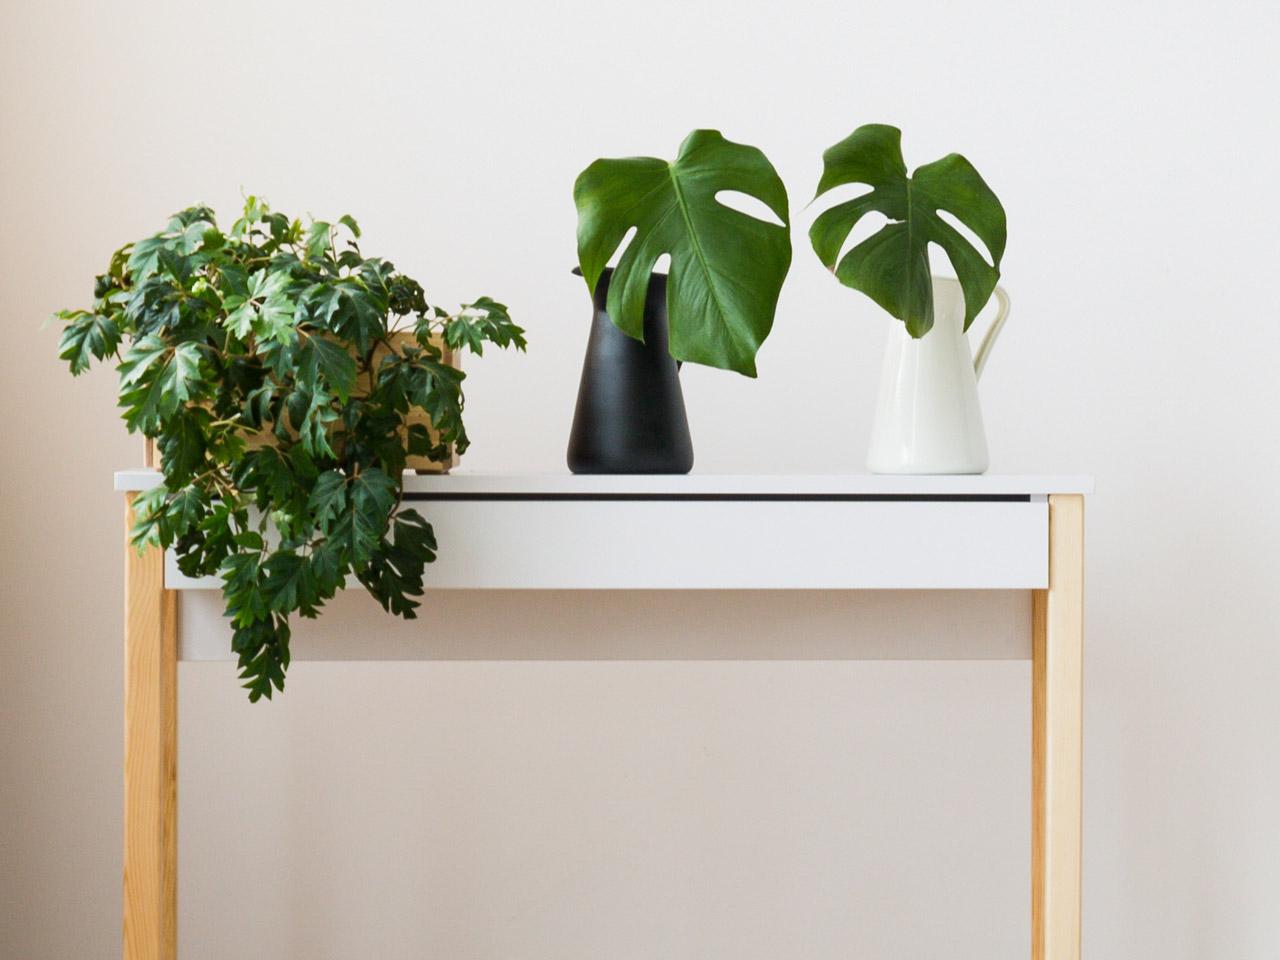 Pflanzen auf einem Beistelltisch - Fensterblatt als Bad Deko